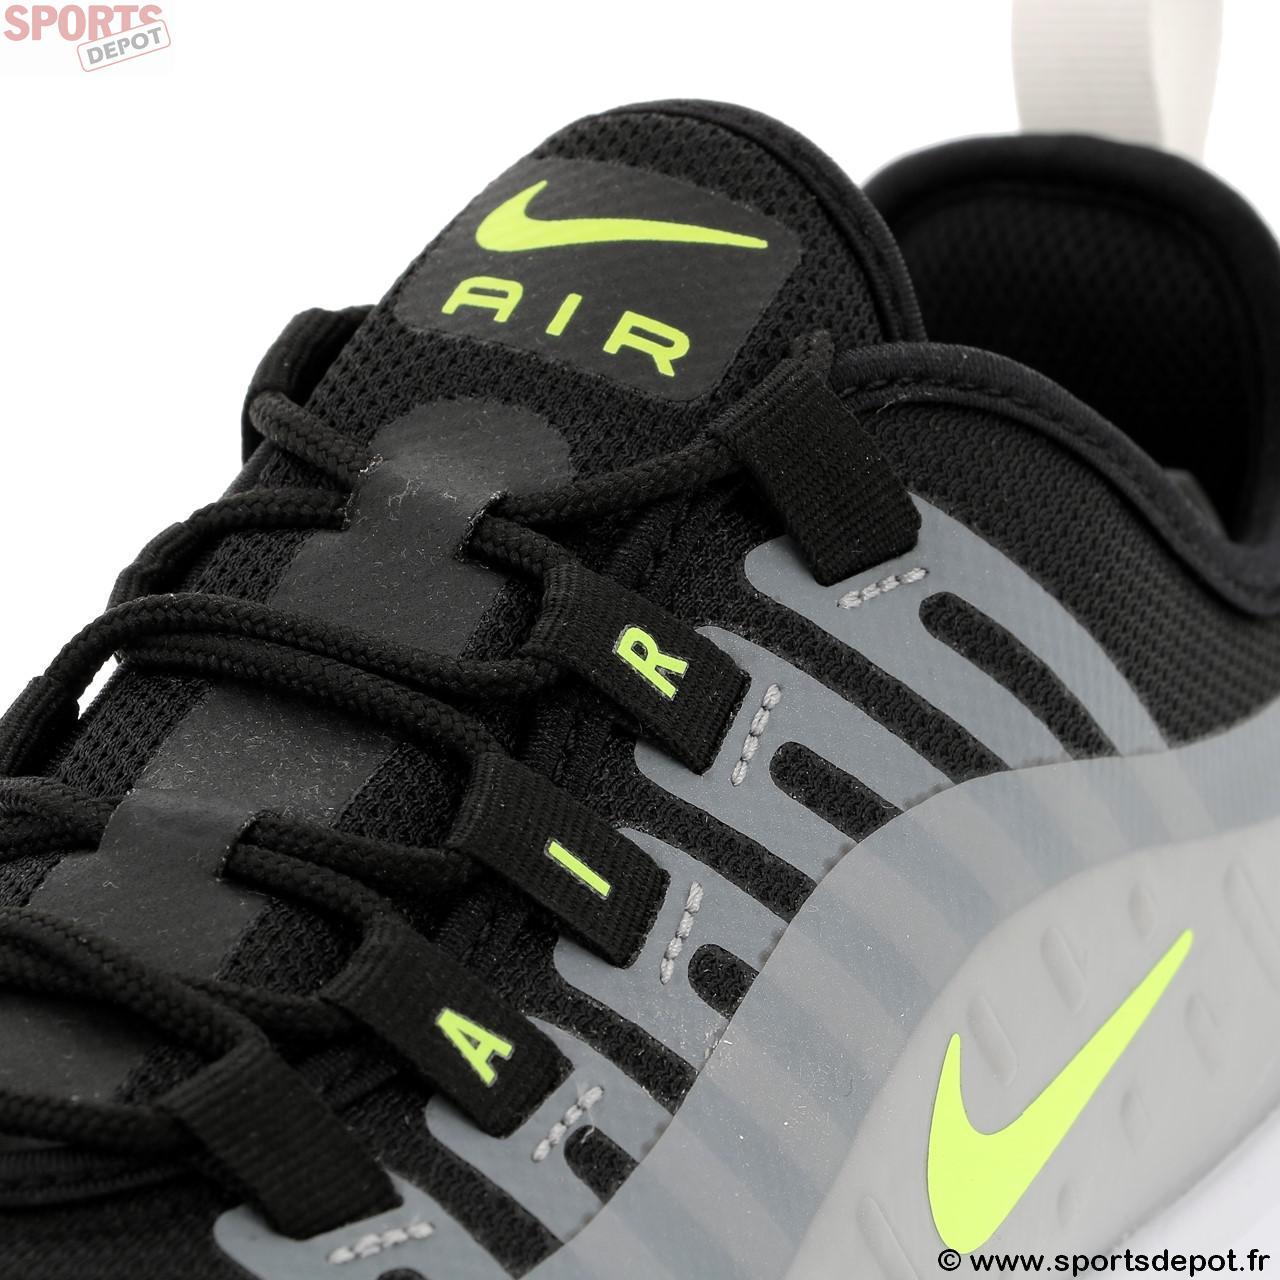 617016b5cc Acheter Chaussures running mode NIKE Air max axis nr grs jr - Enfant ...